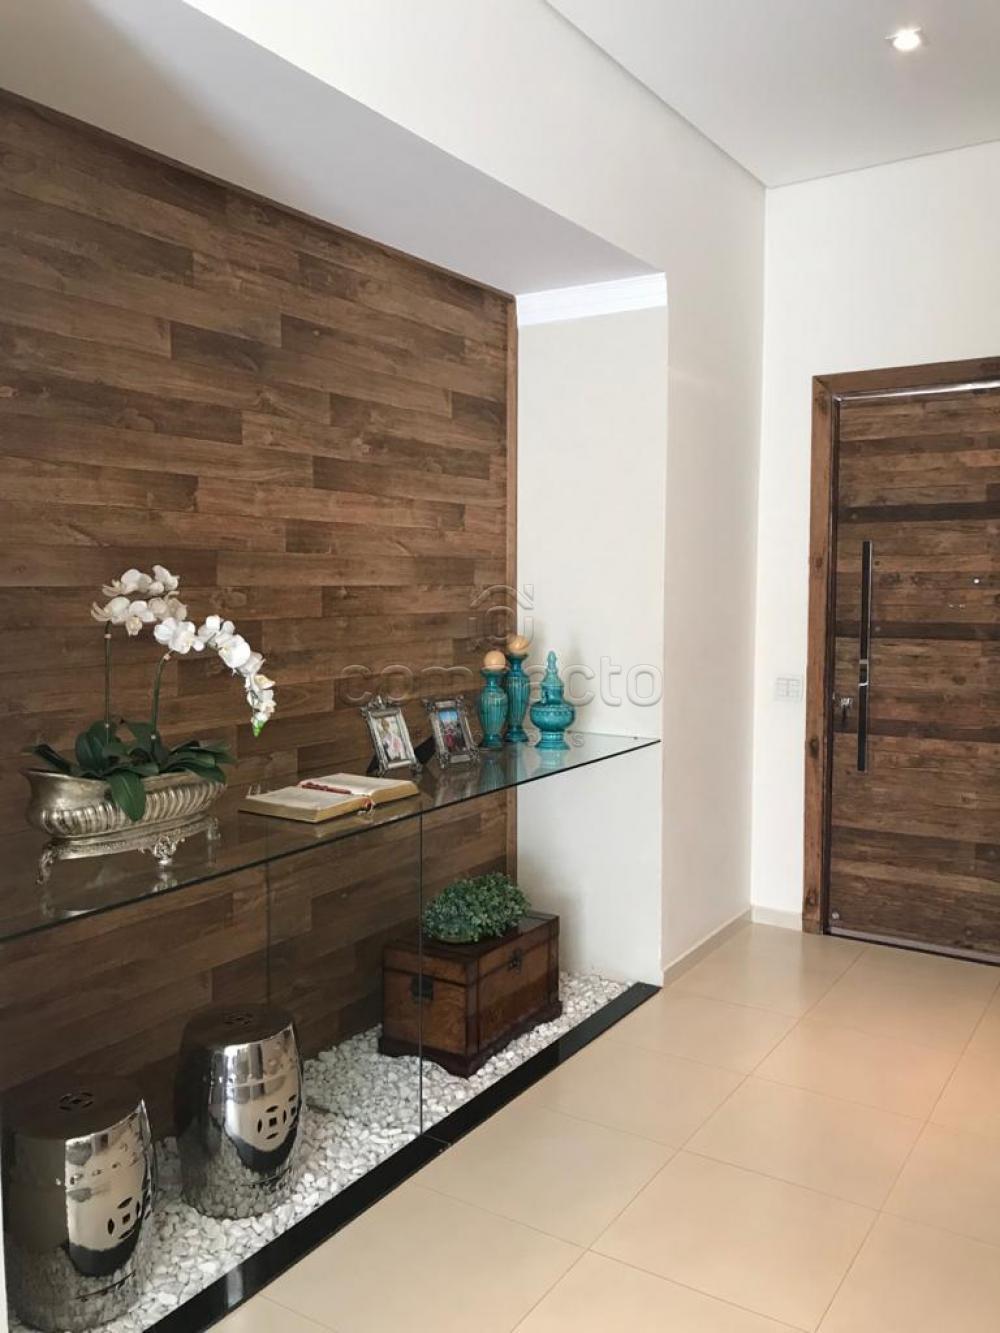 Comprar Casa / Condomínio em Mirassol apenas R$ 600.000,00 - Foto 2